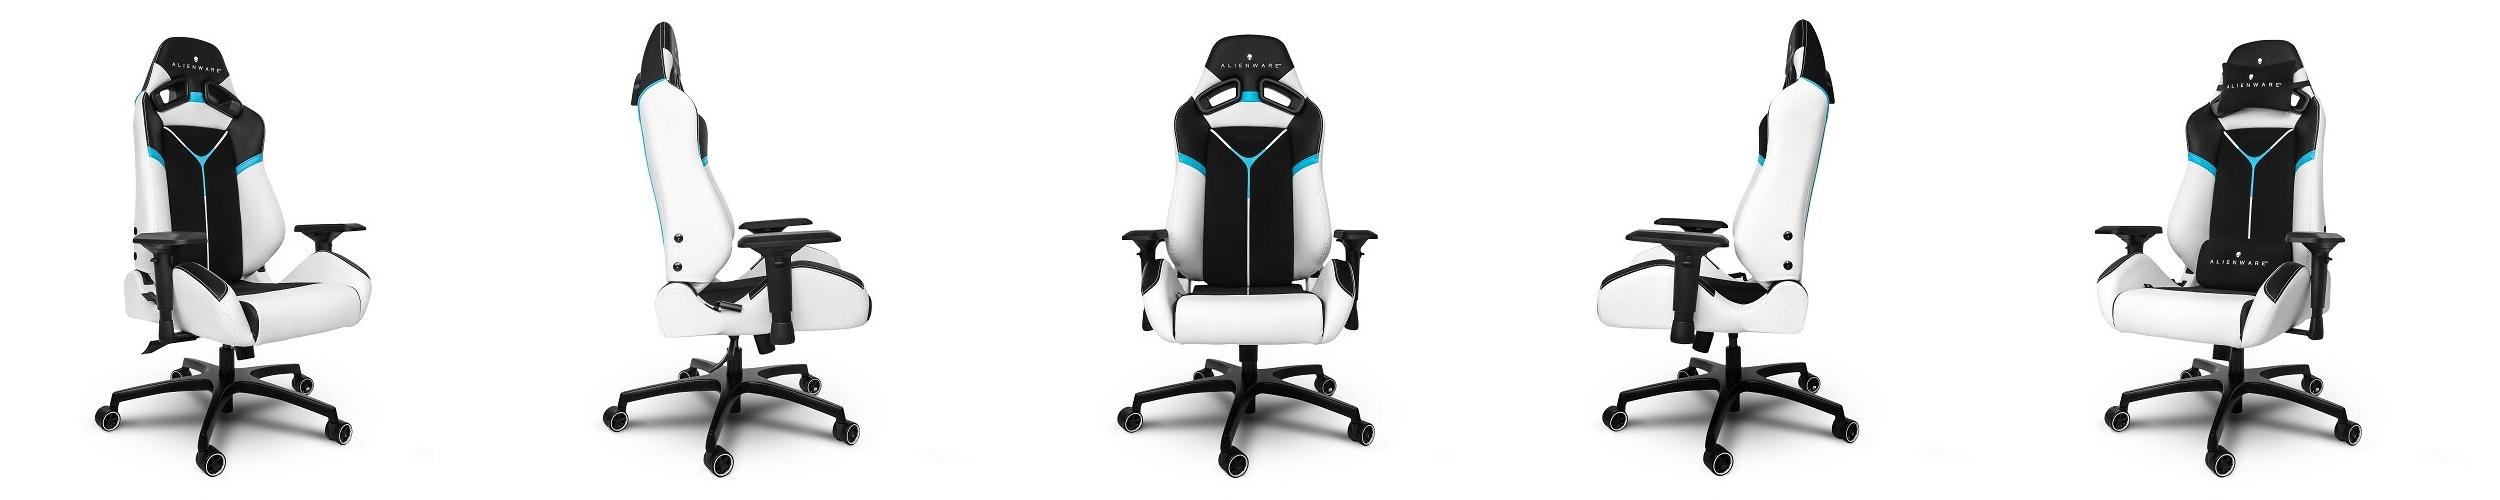 Look of Alienware Gaming Chair